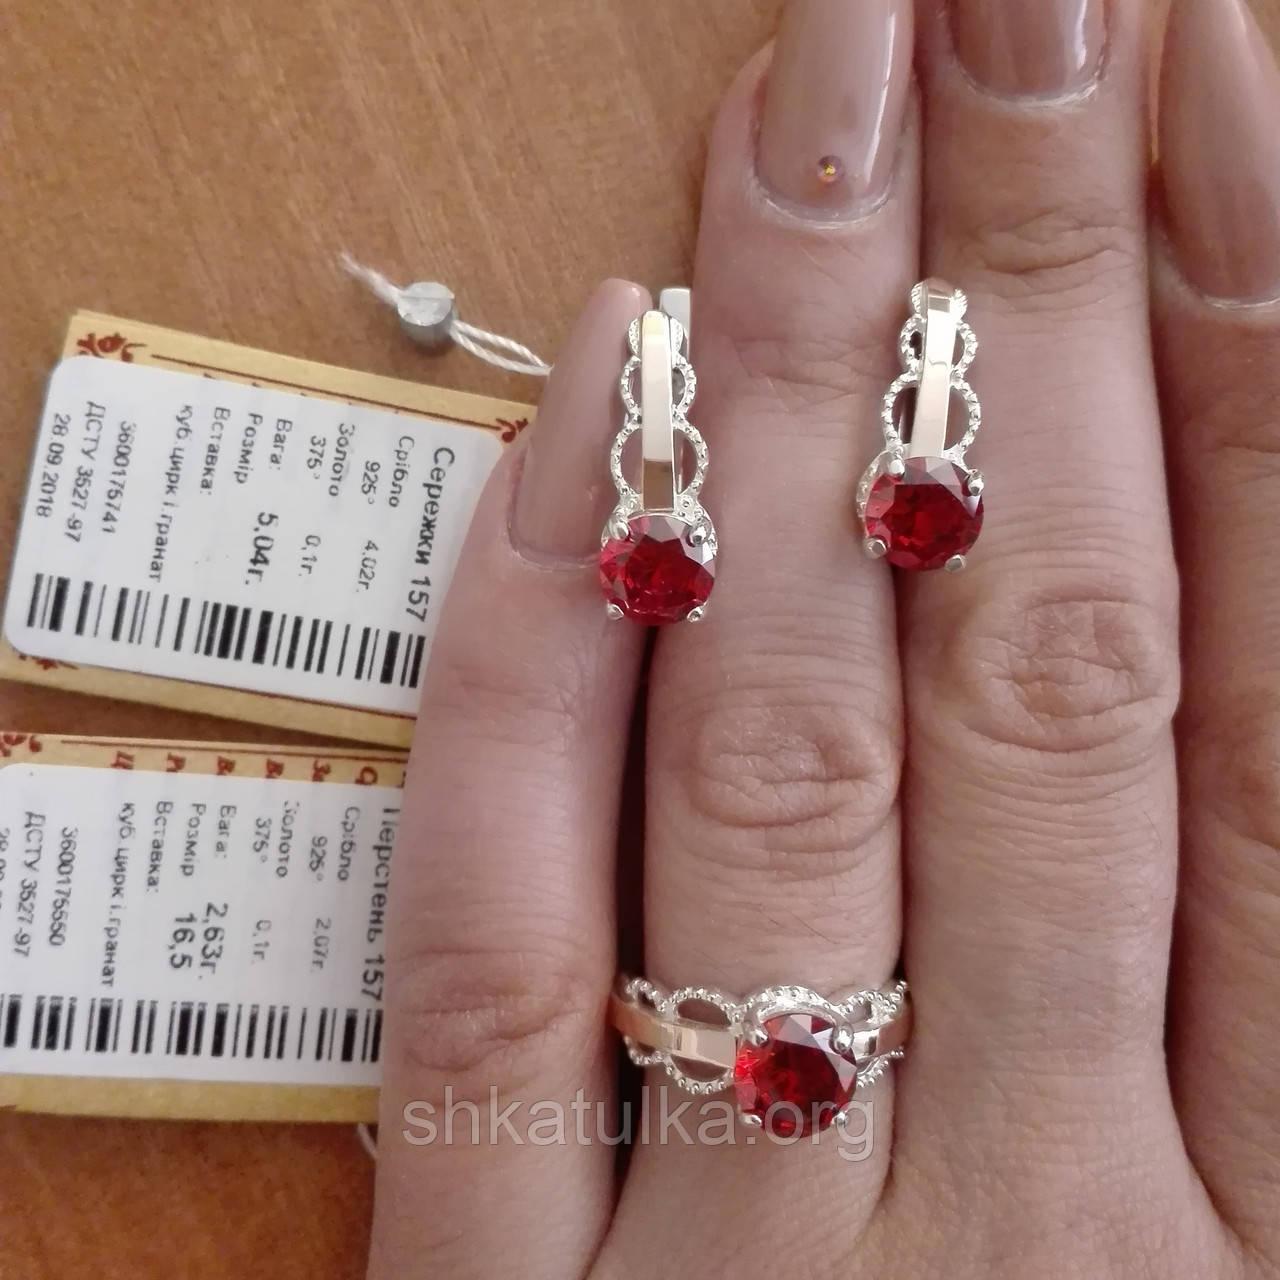 Срібний гарнітур із золотими вставками каблучка та сережки із червоними камінцями